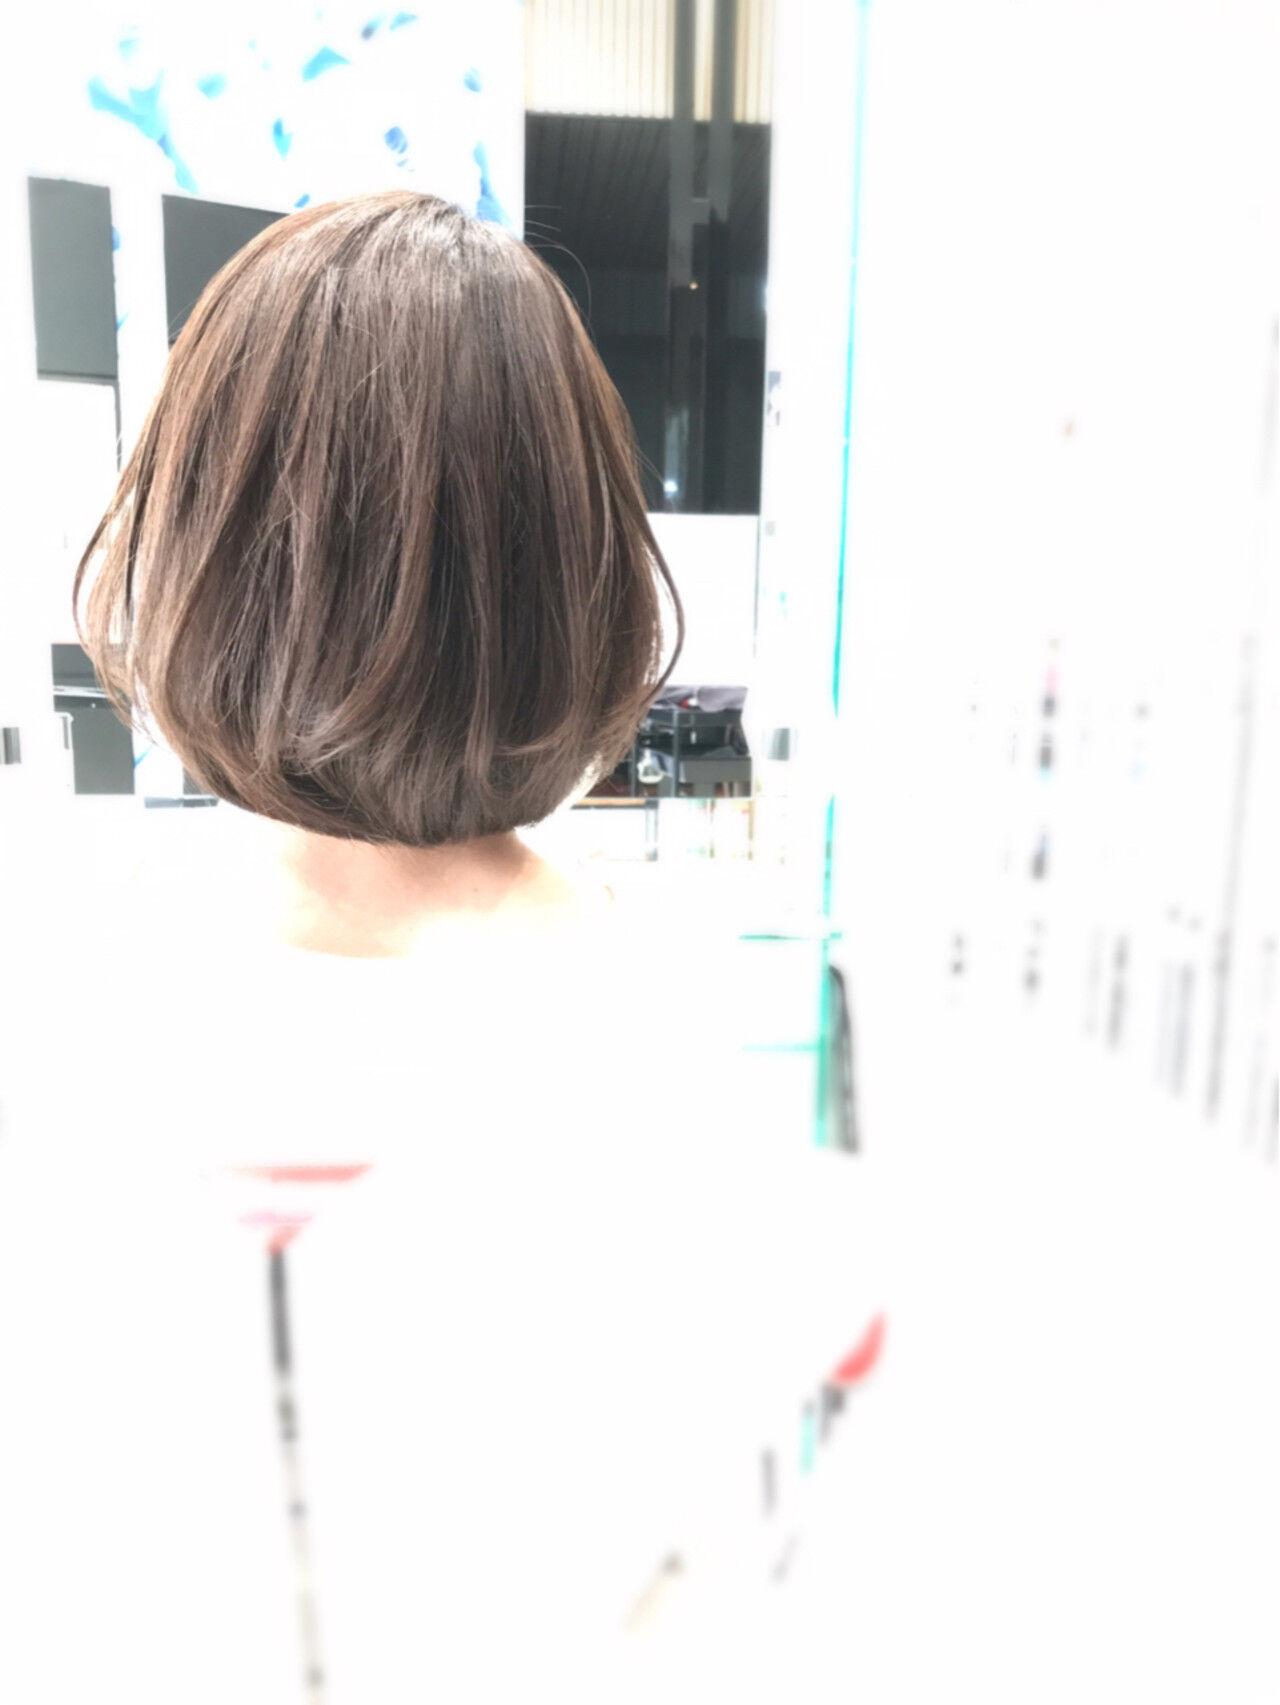 ナチュラル フェミニン ピュア オリーブアッシュヘアスタイルや髪型の写真・画像